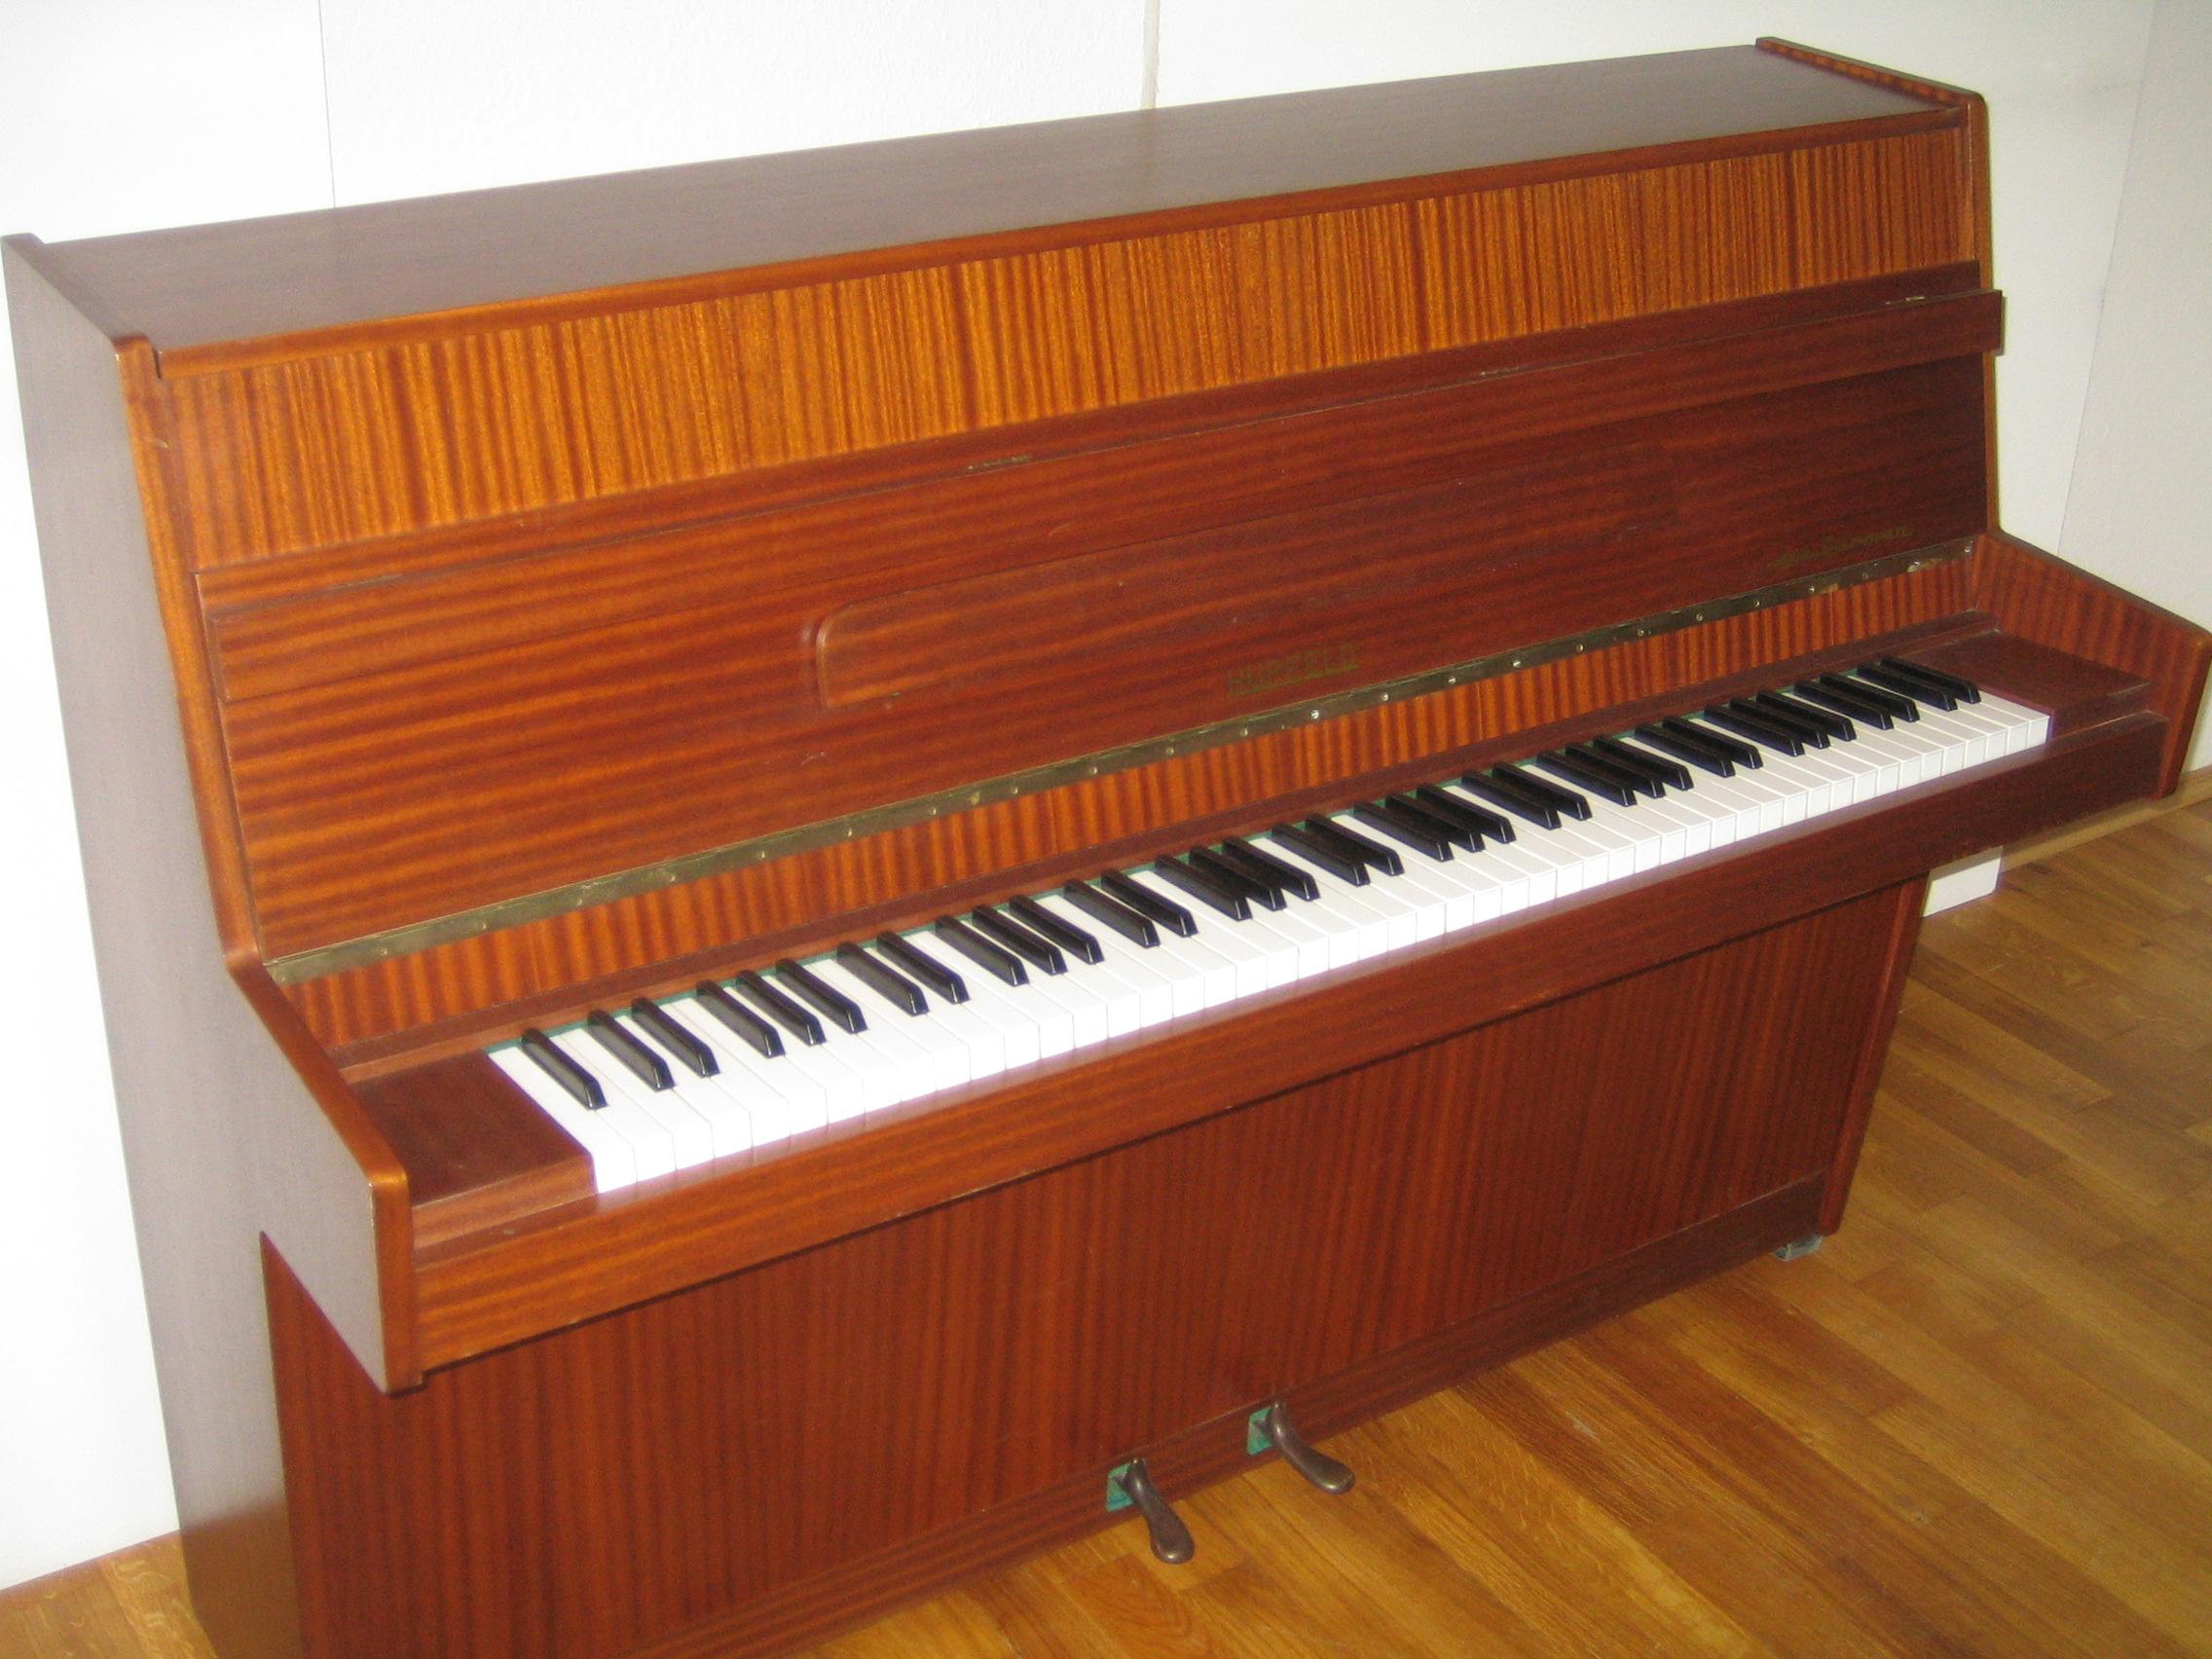 klavierhandlung und werkstatt erfurt klavier hupfeld 108. Black Bedroom Furniture Sets. Home Design Ideas